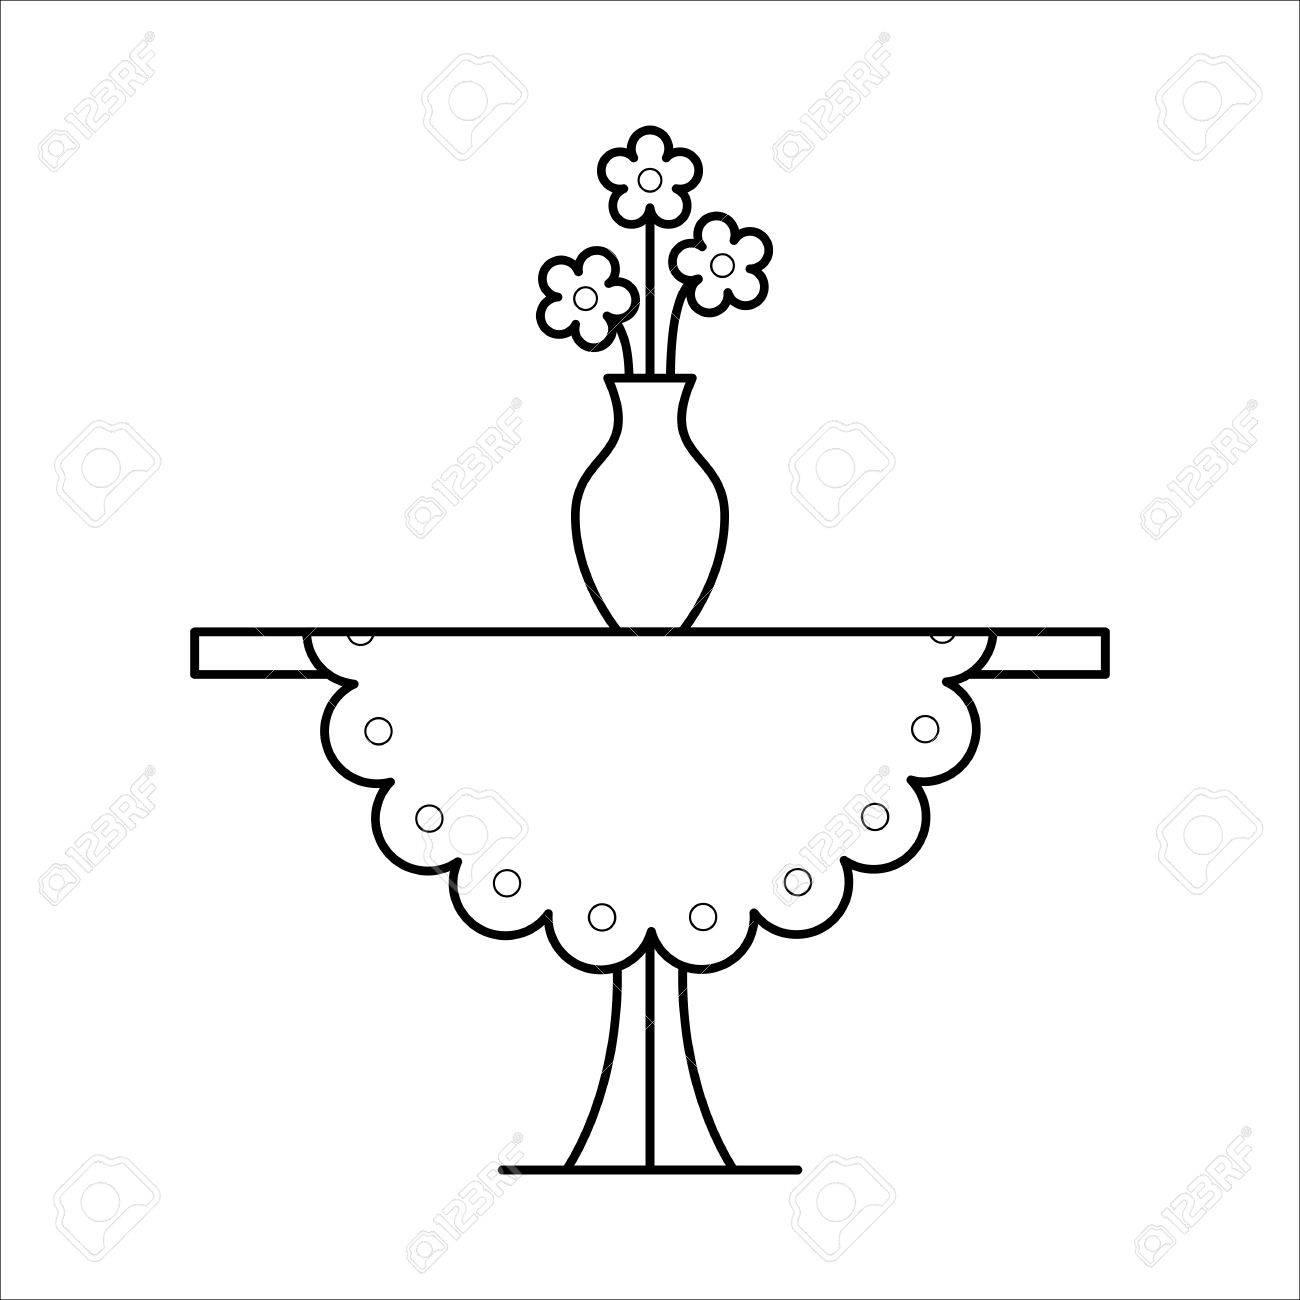 Kleine Tisch Wohnmöbel Lineart Design, Innenarchitektur Lizenzfrei ...